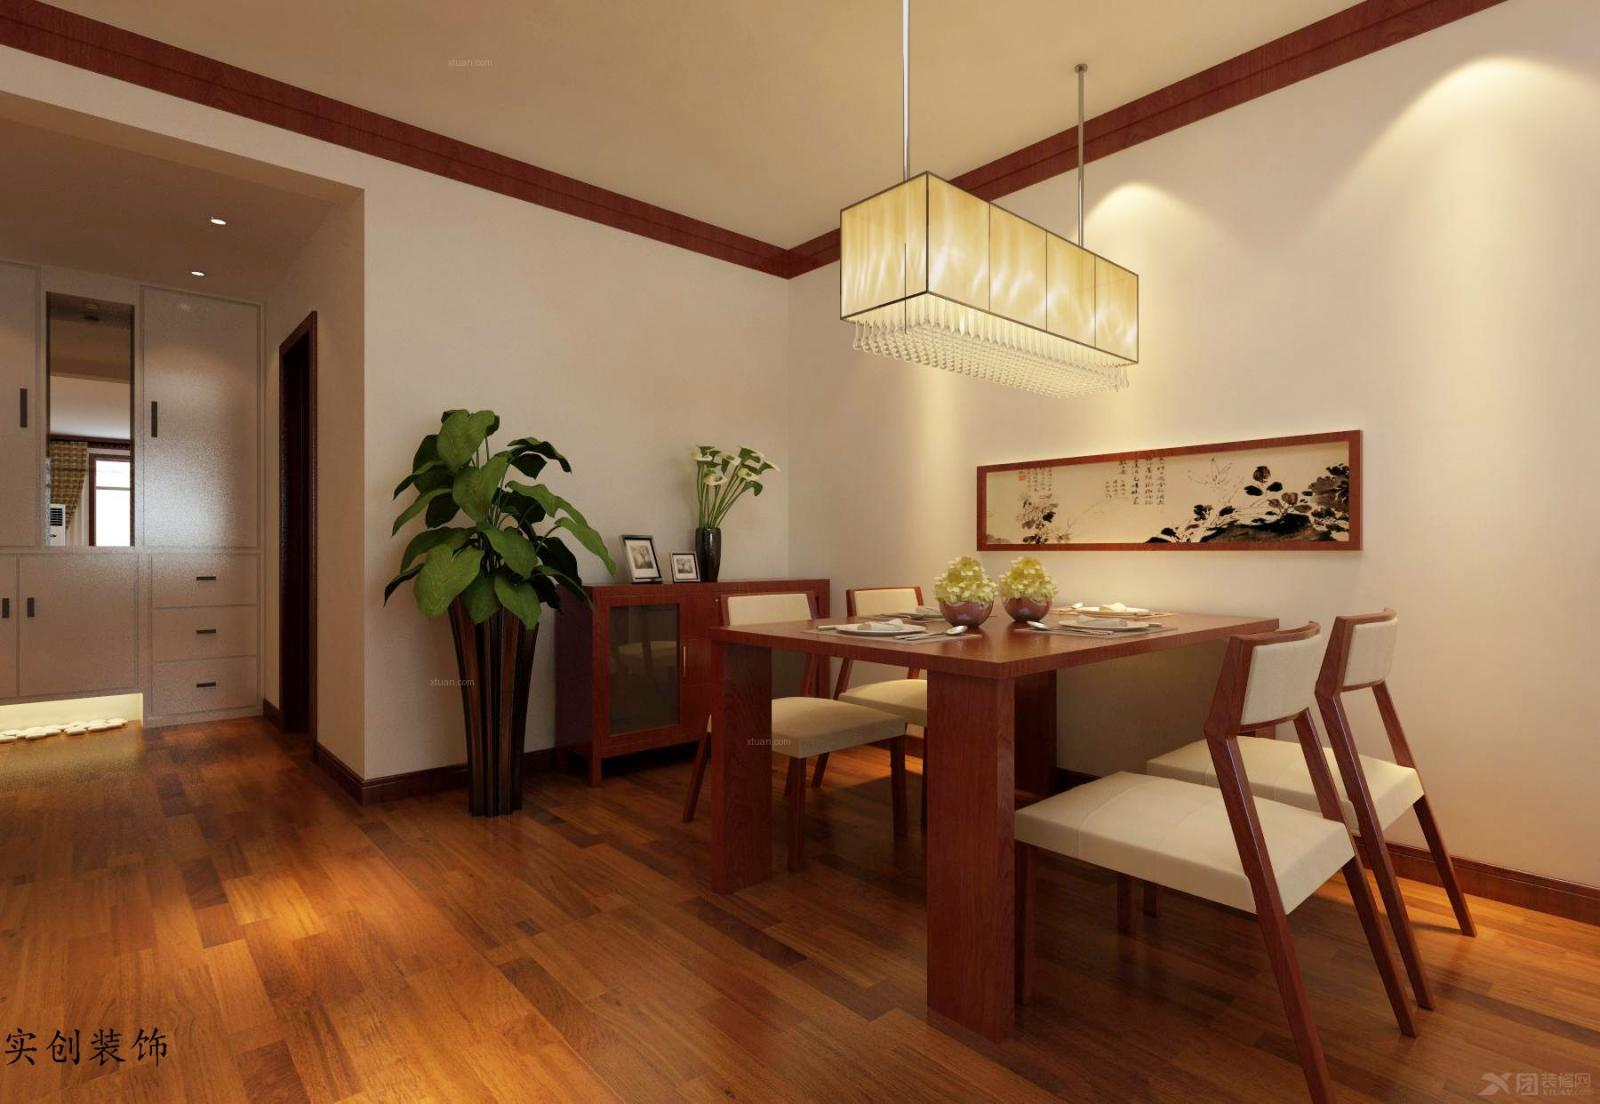 【眾美三期】105平米二居室-石家莊實創裝飾裝修效果